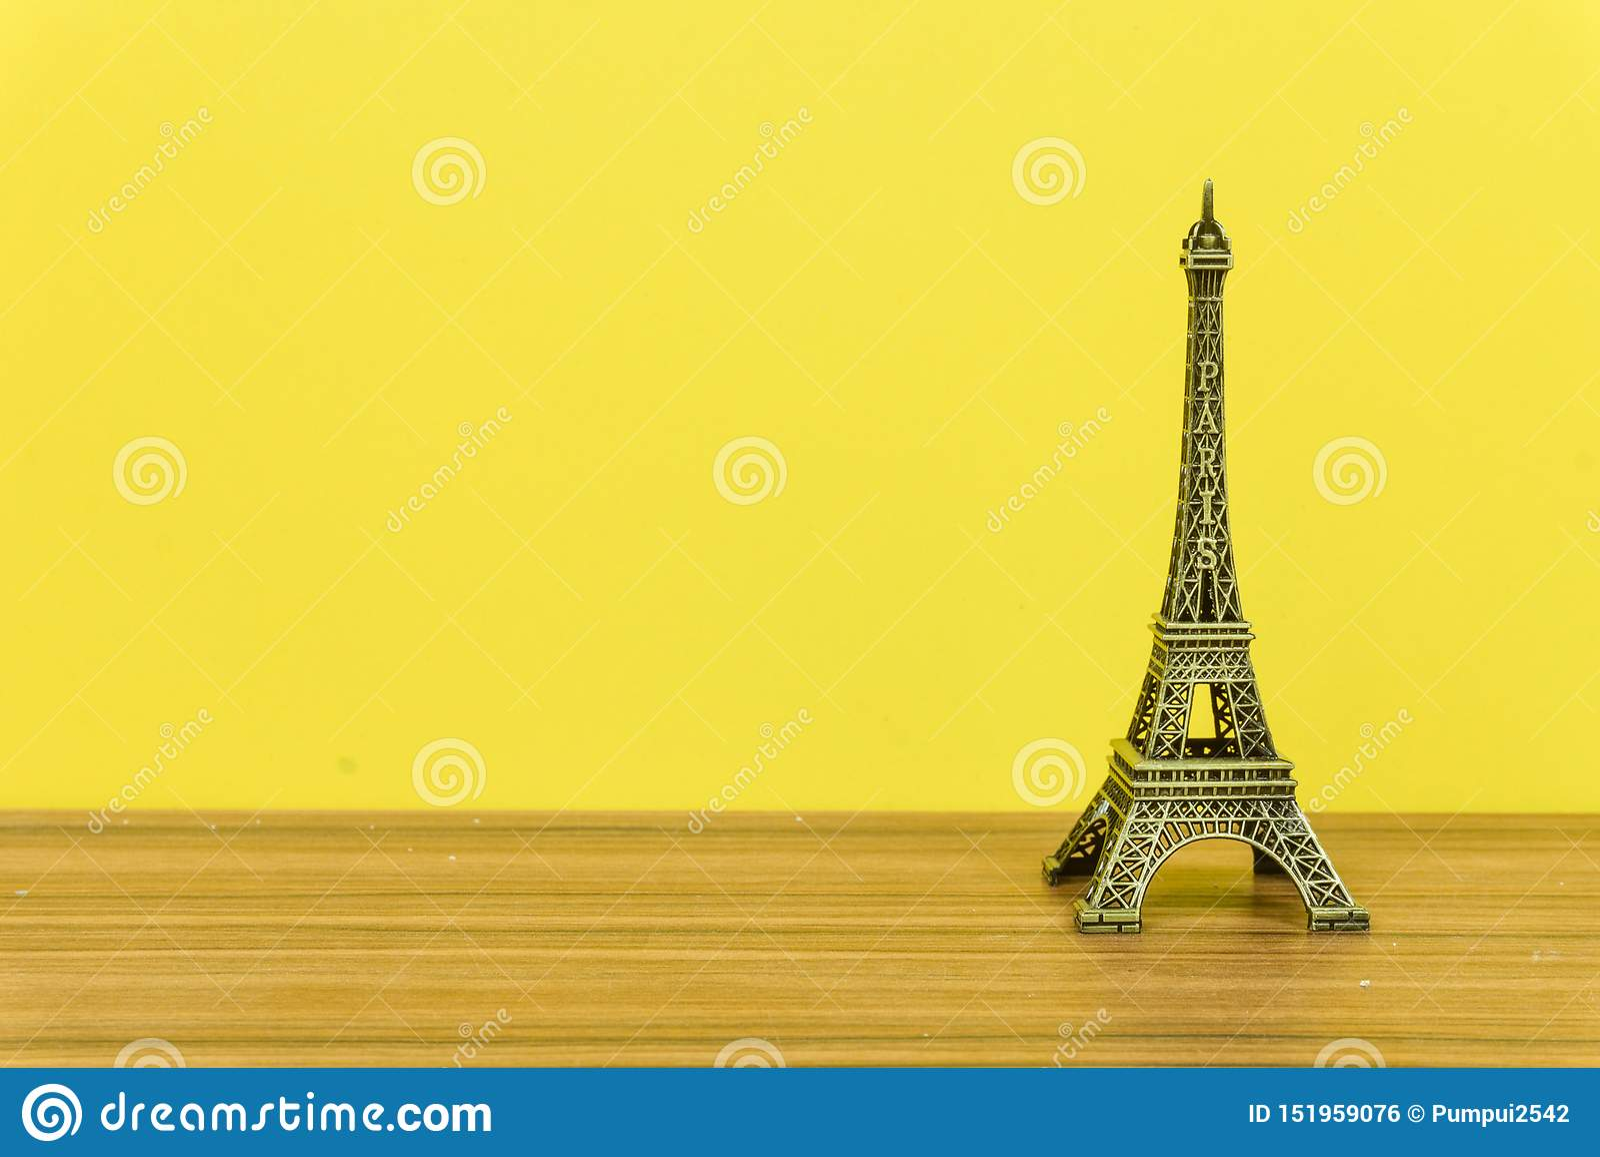 埃菲尔铁塔,巴黎,法国有黄色背景